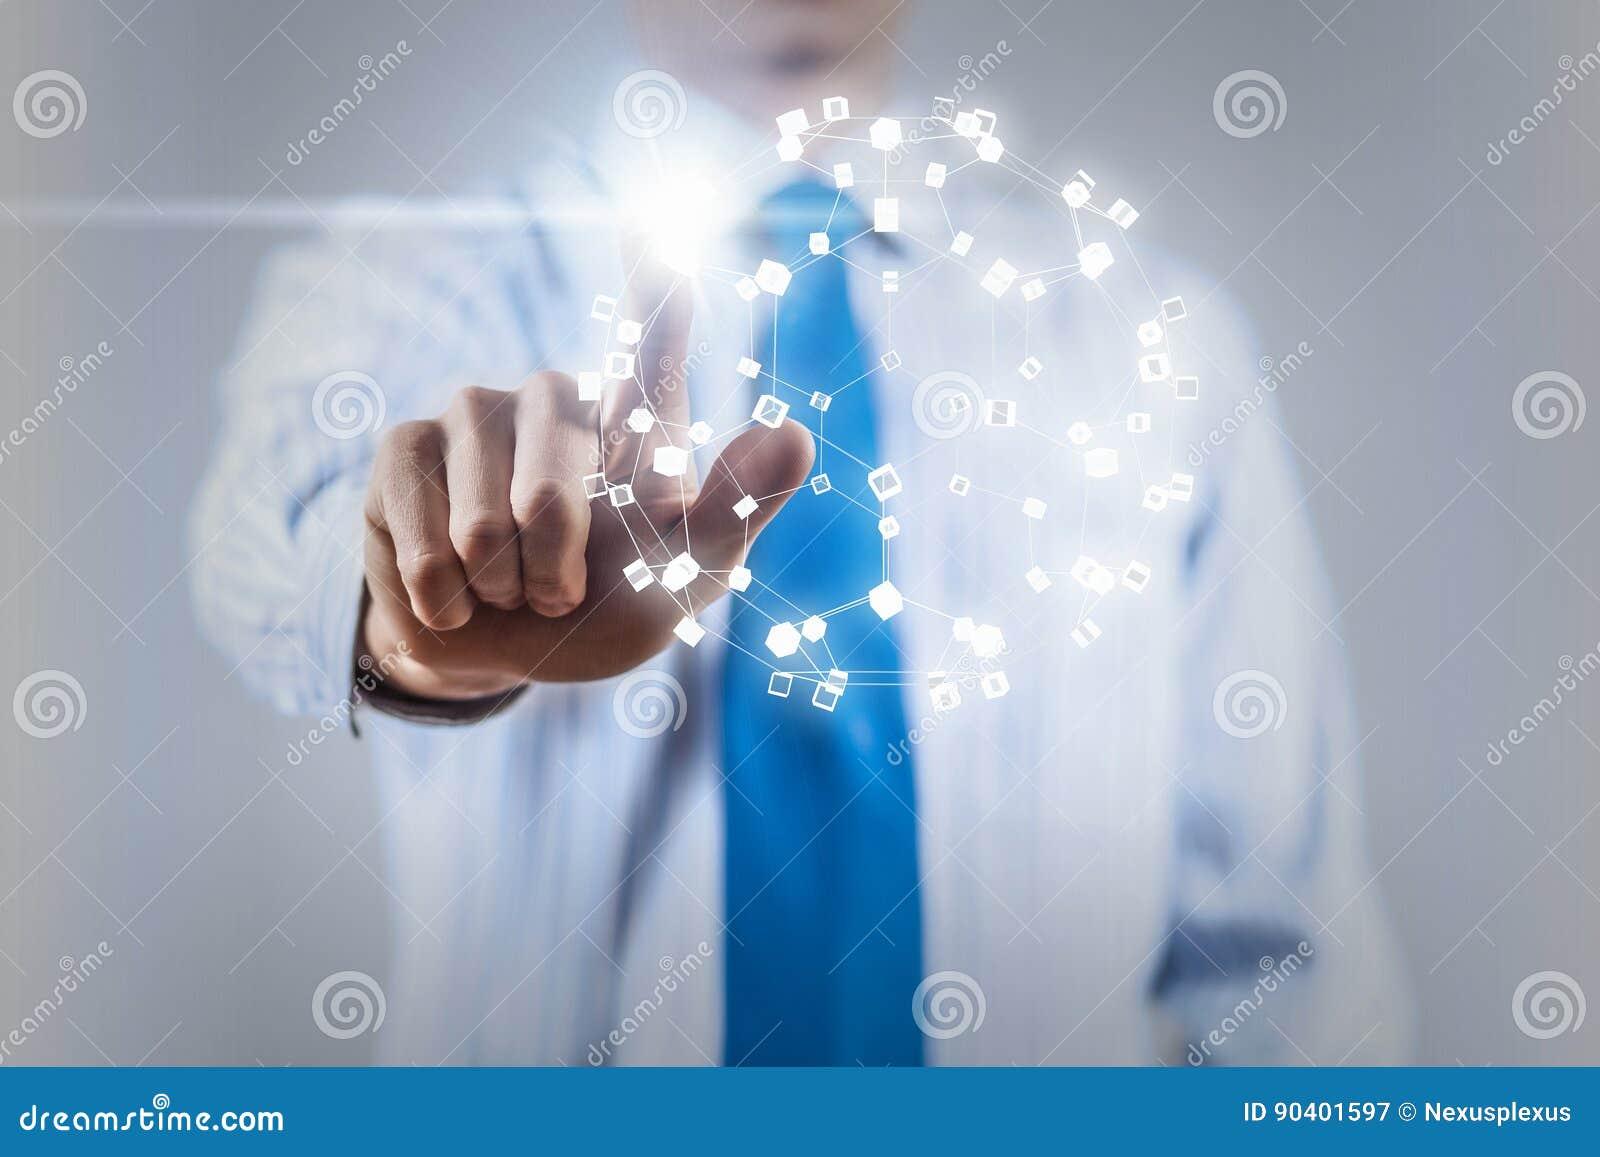 Technologies de mise en réseau et interaction sociale Media mélangé